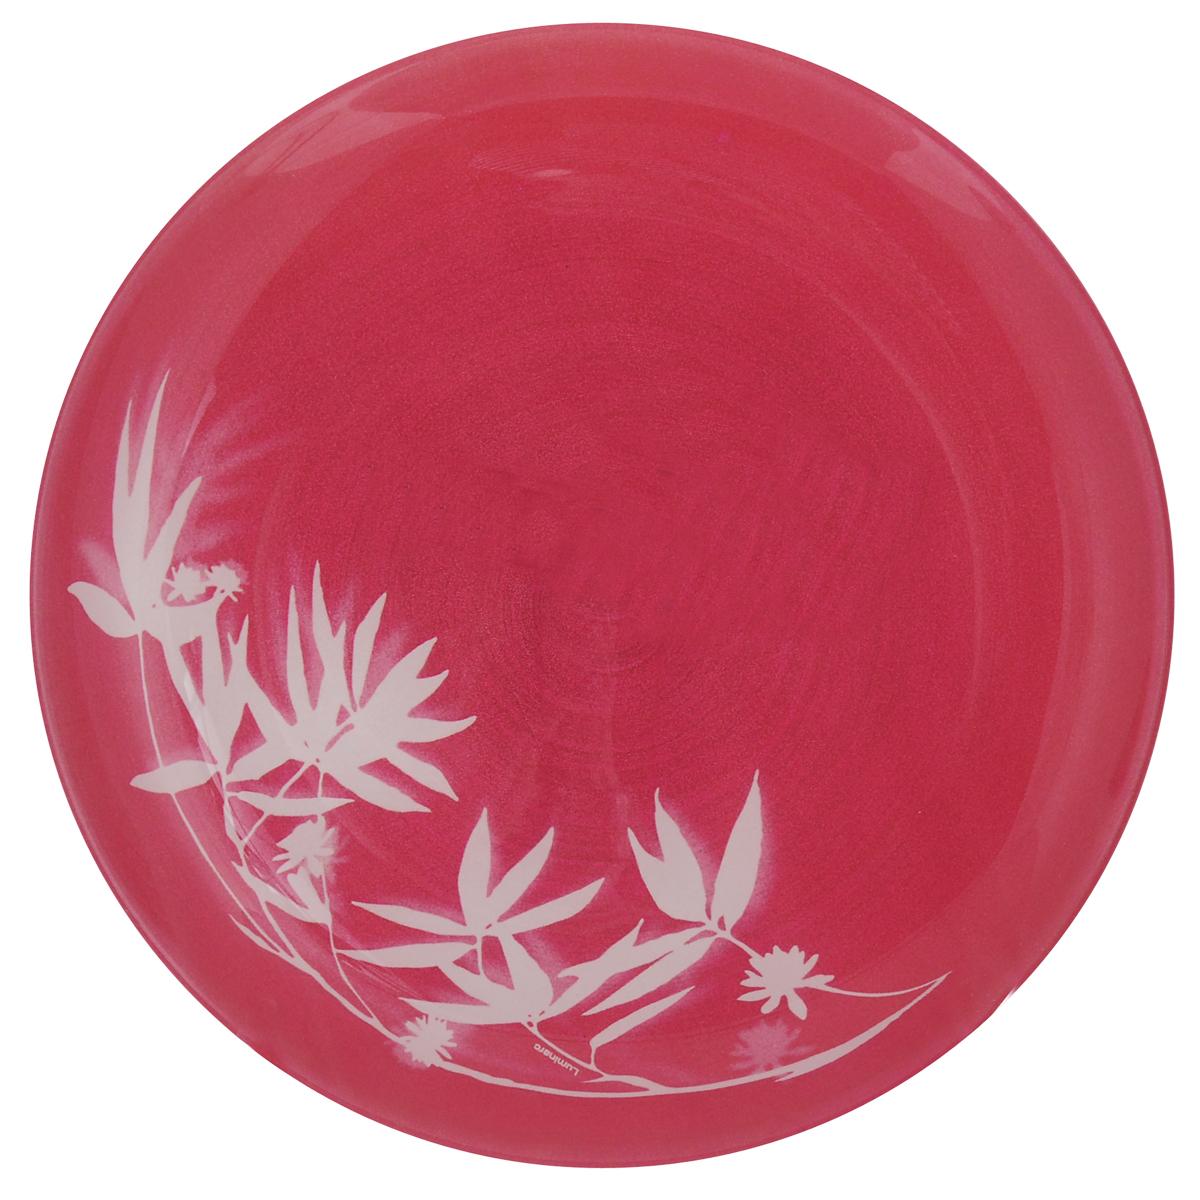 Тарелка десертная Luminarc Darjeeling Pink, диаметр 20 смH3569Десертная тарелка Luminarc Darjeeling Pink, изготовленная из ударопрочного стекла, имеет изысканный внешний вид. Такая тарелка прекрасно подходит как для торжественных случаев, так и для повседневного использования. Идеальна для подачи десертов, пирожных, тортов и многого другого. Она прекрасно оформит стол и станет отличным дополнением к вашей коллекции кухонной посуды. Диаметр тарелки: 20 см.